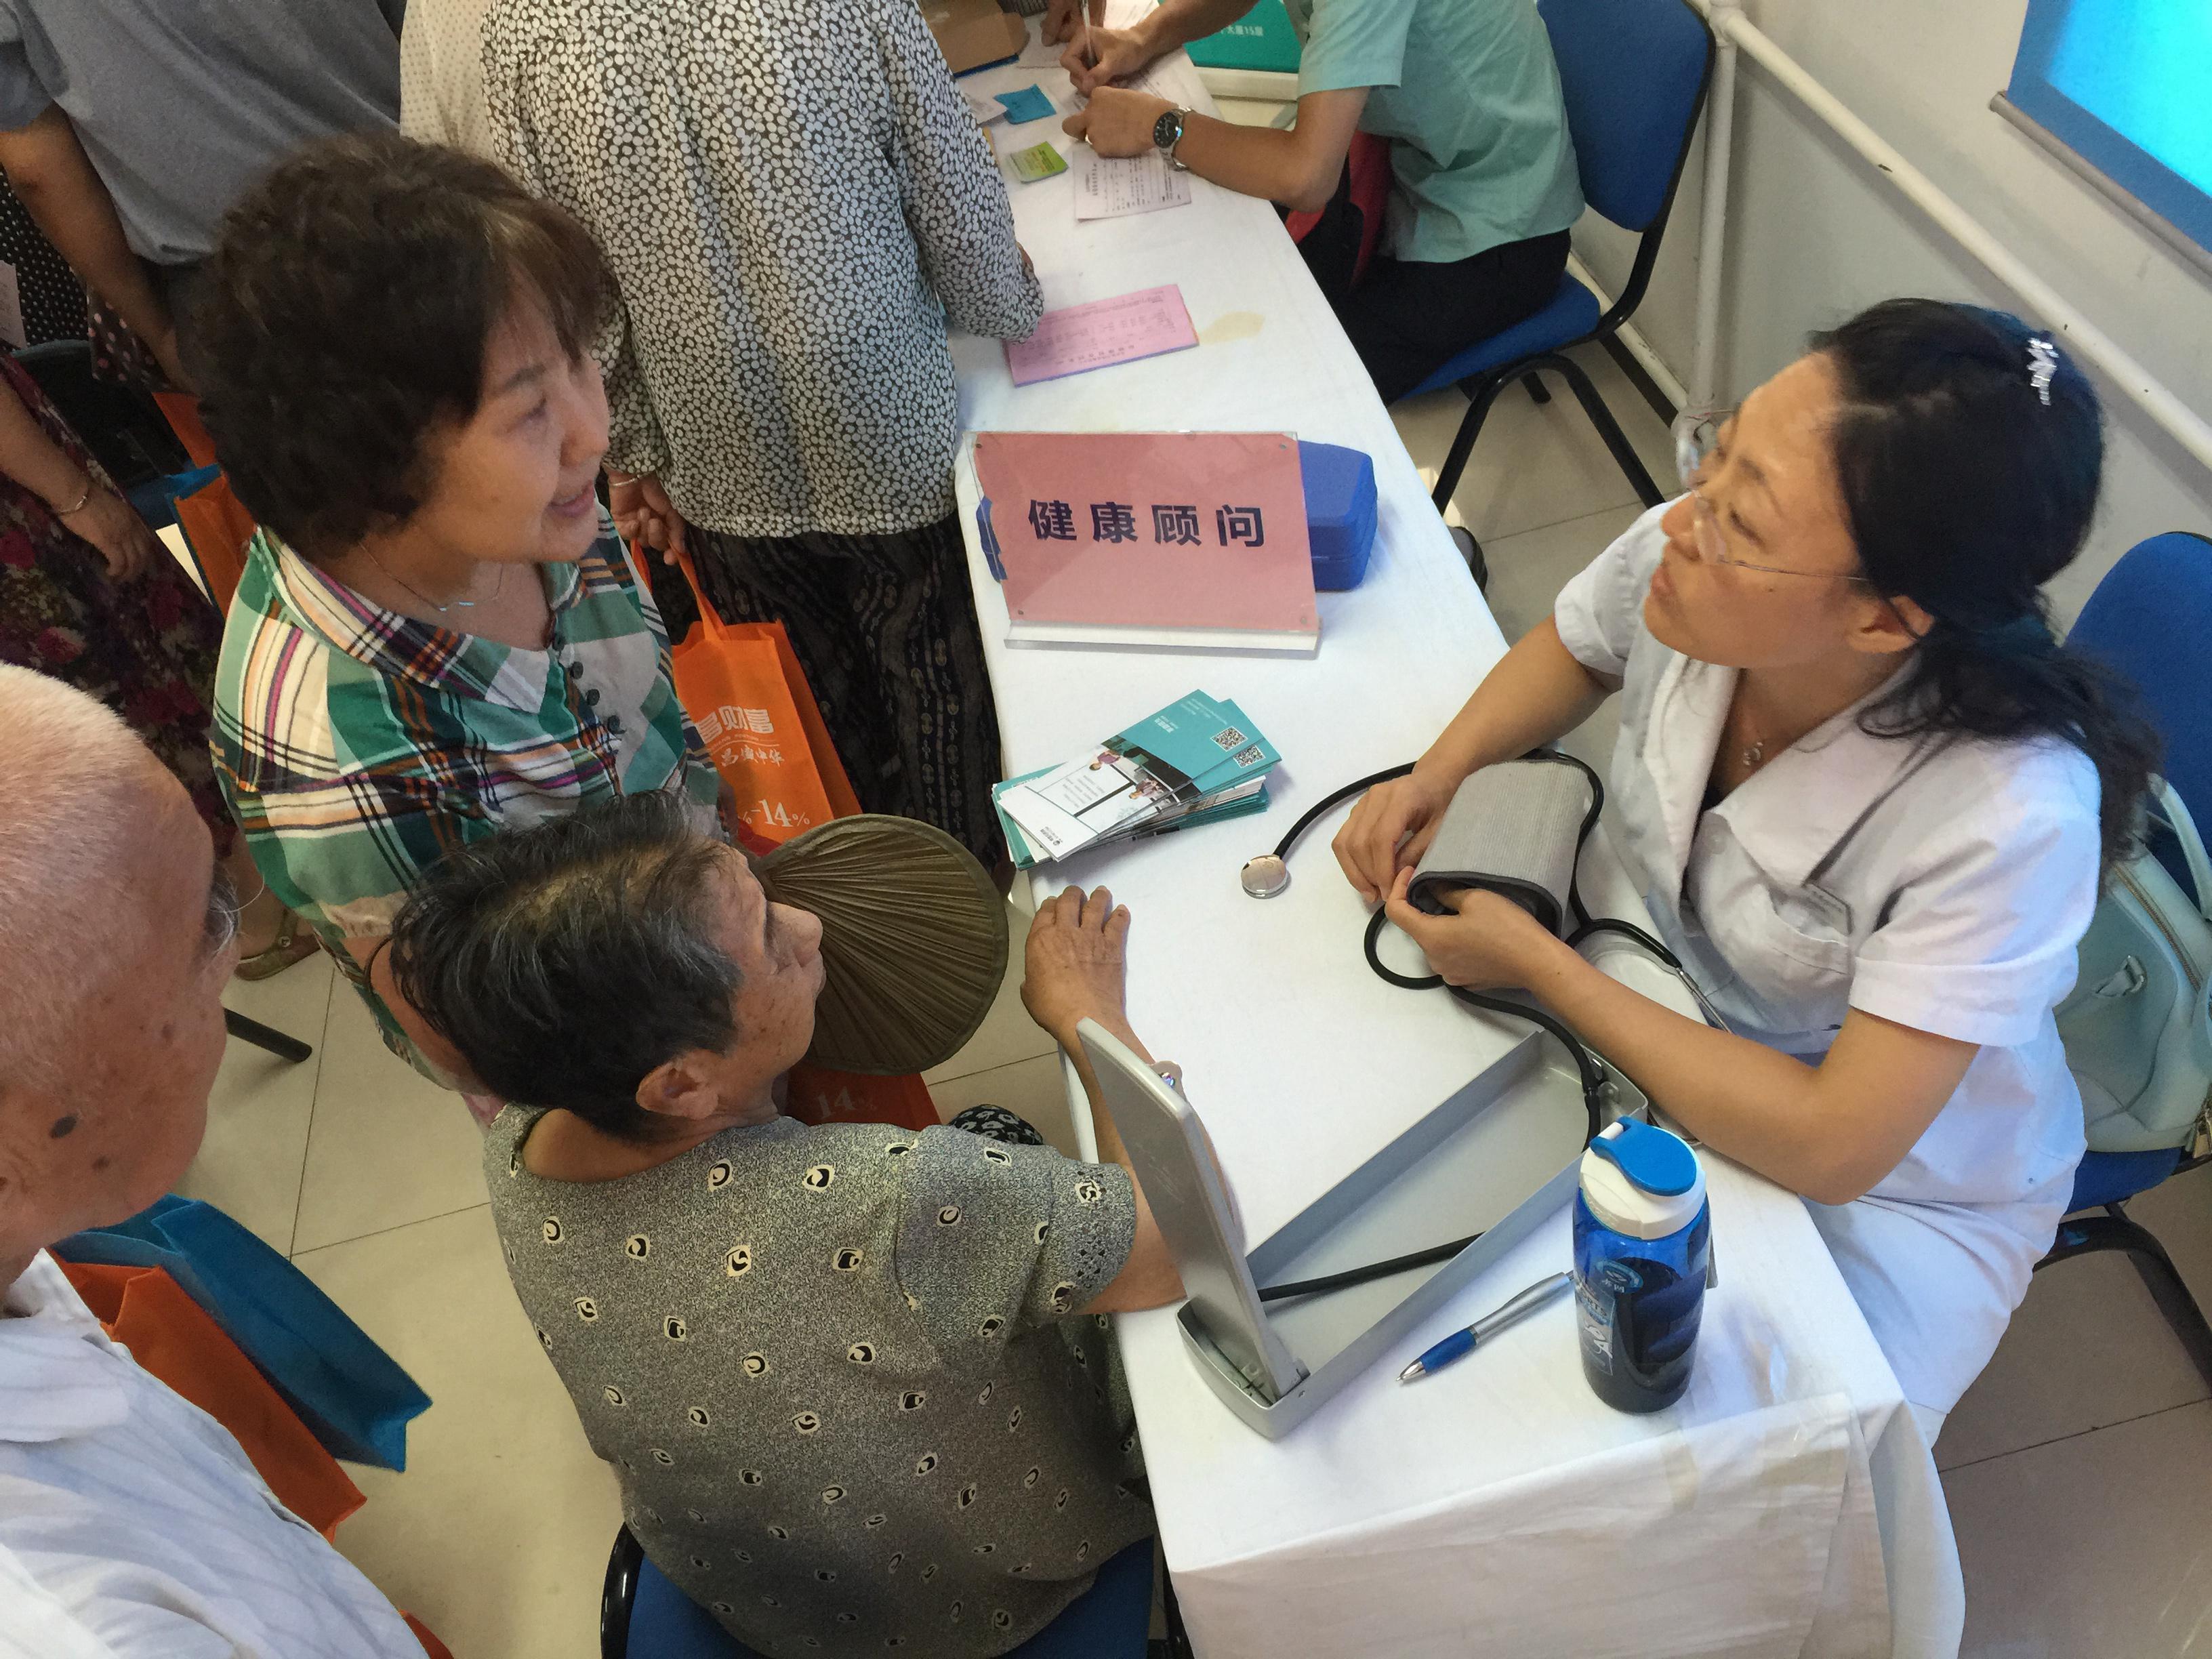 40岁的刘阿姨与她八旬的母亲,在医师的指导下,关注血压与健康疾病的情况,向医师提出平常未能解决的一些症状。医师耐心的为她们解答。